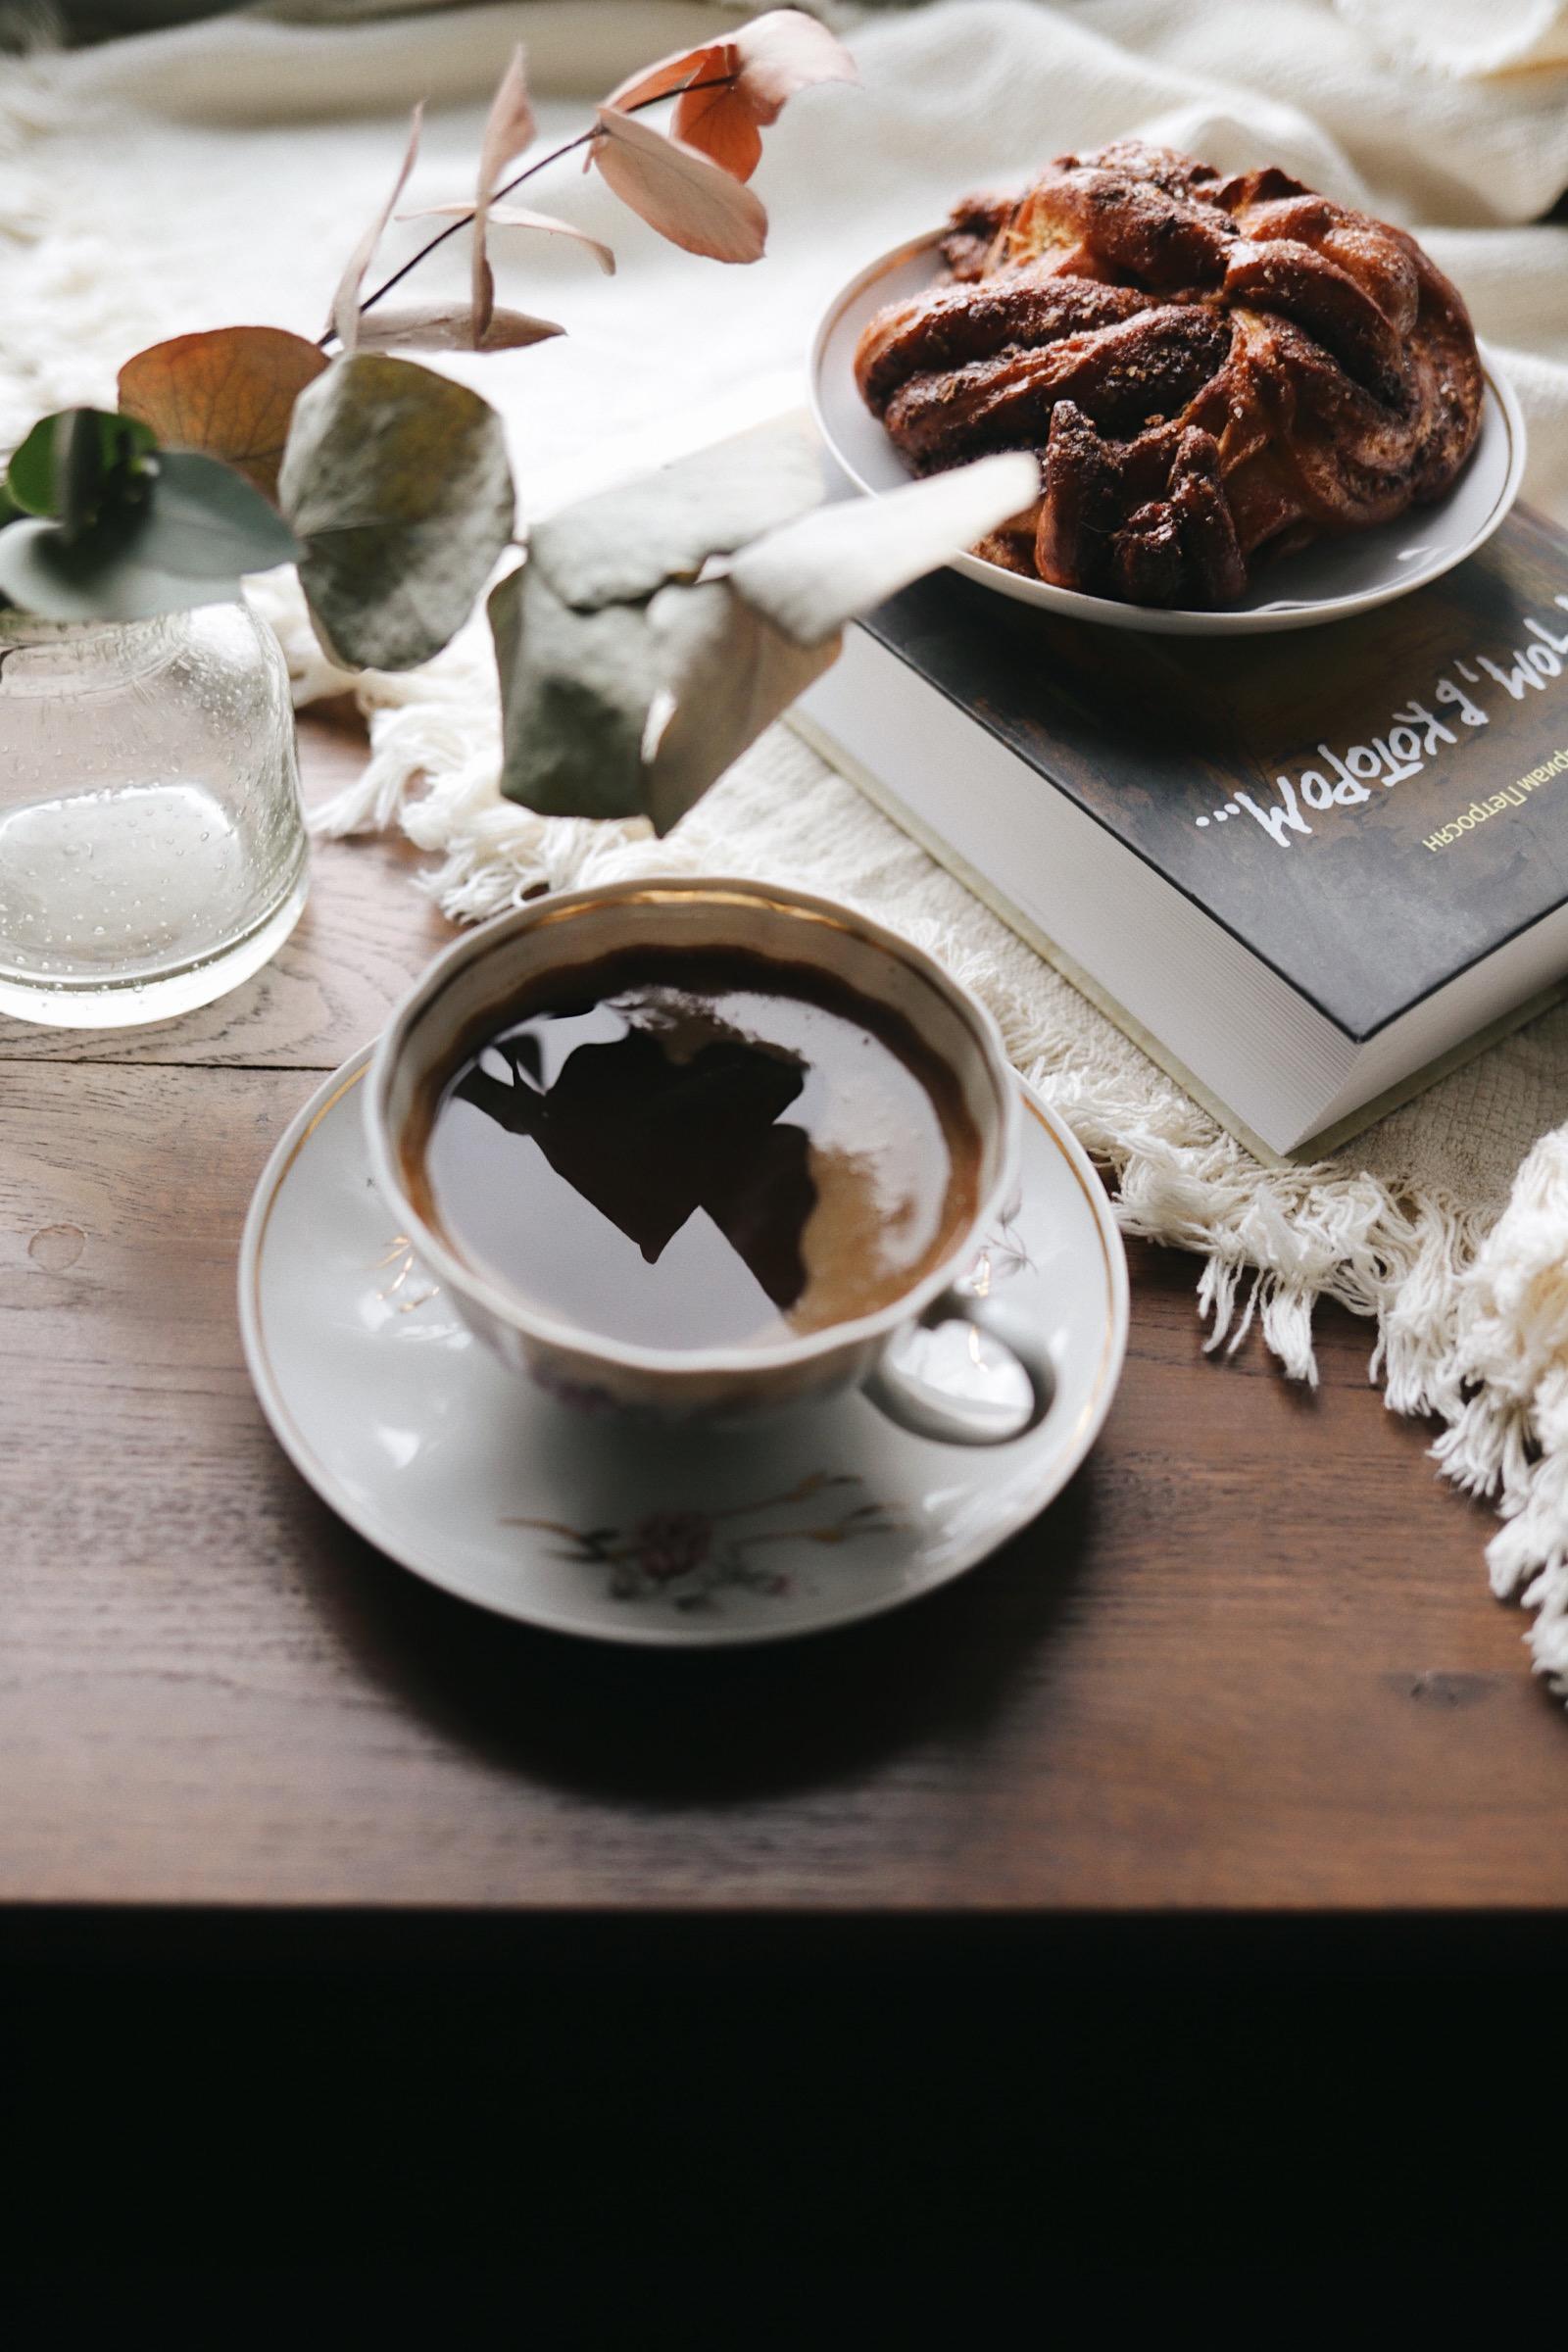 как красиво сфоткать кофе